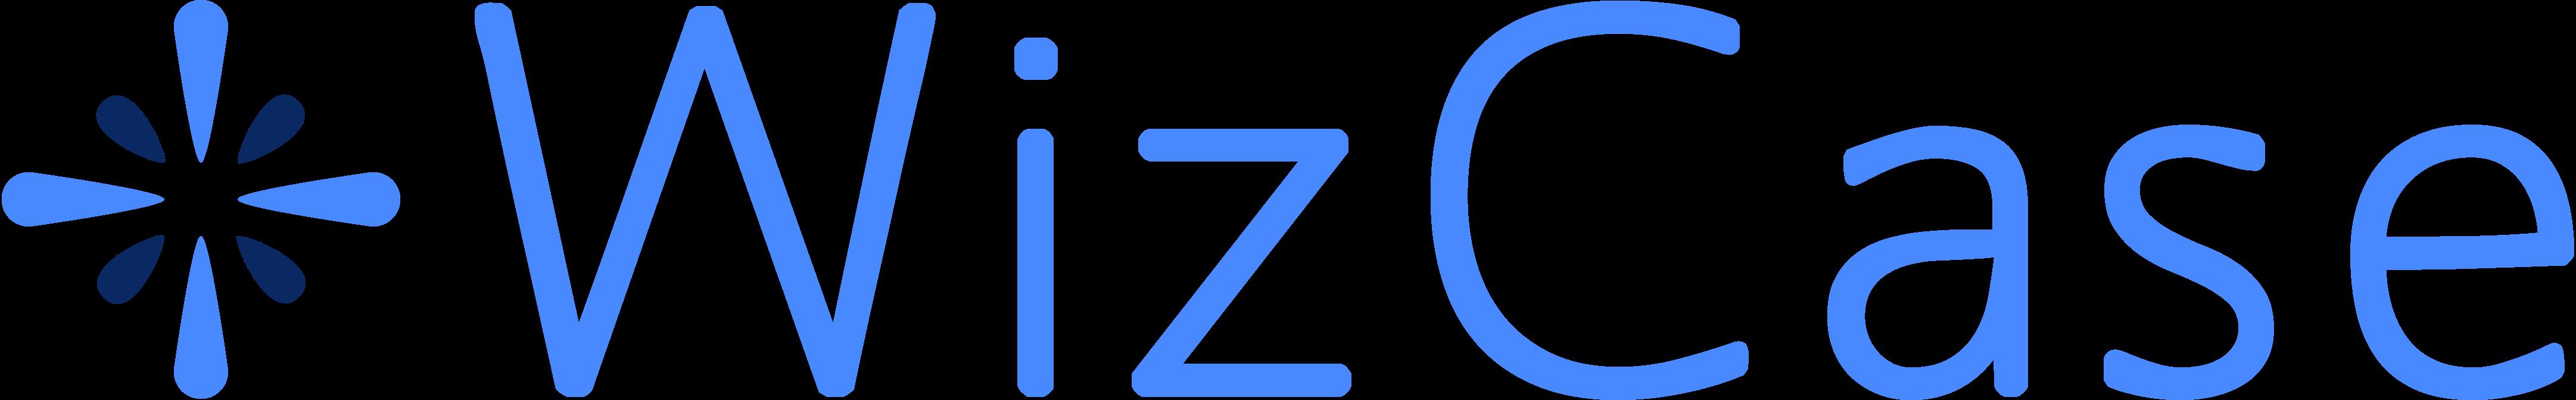 Wizcase logo